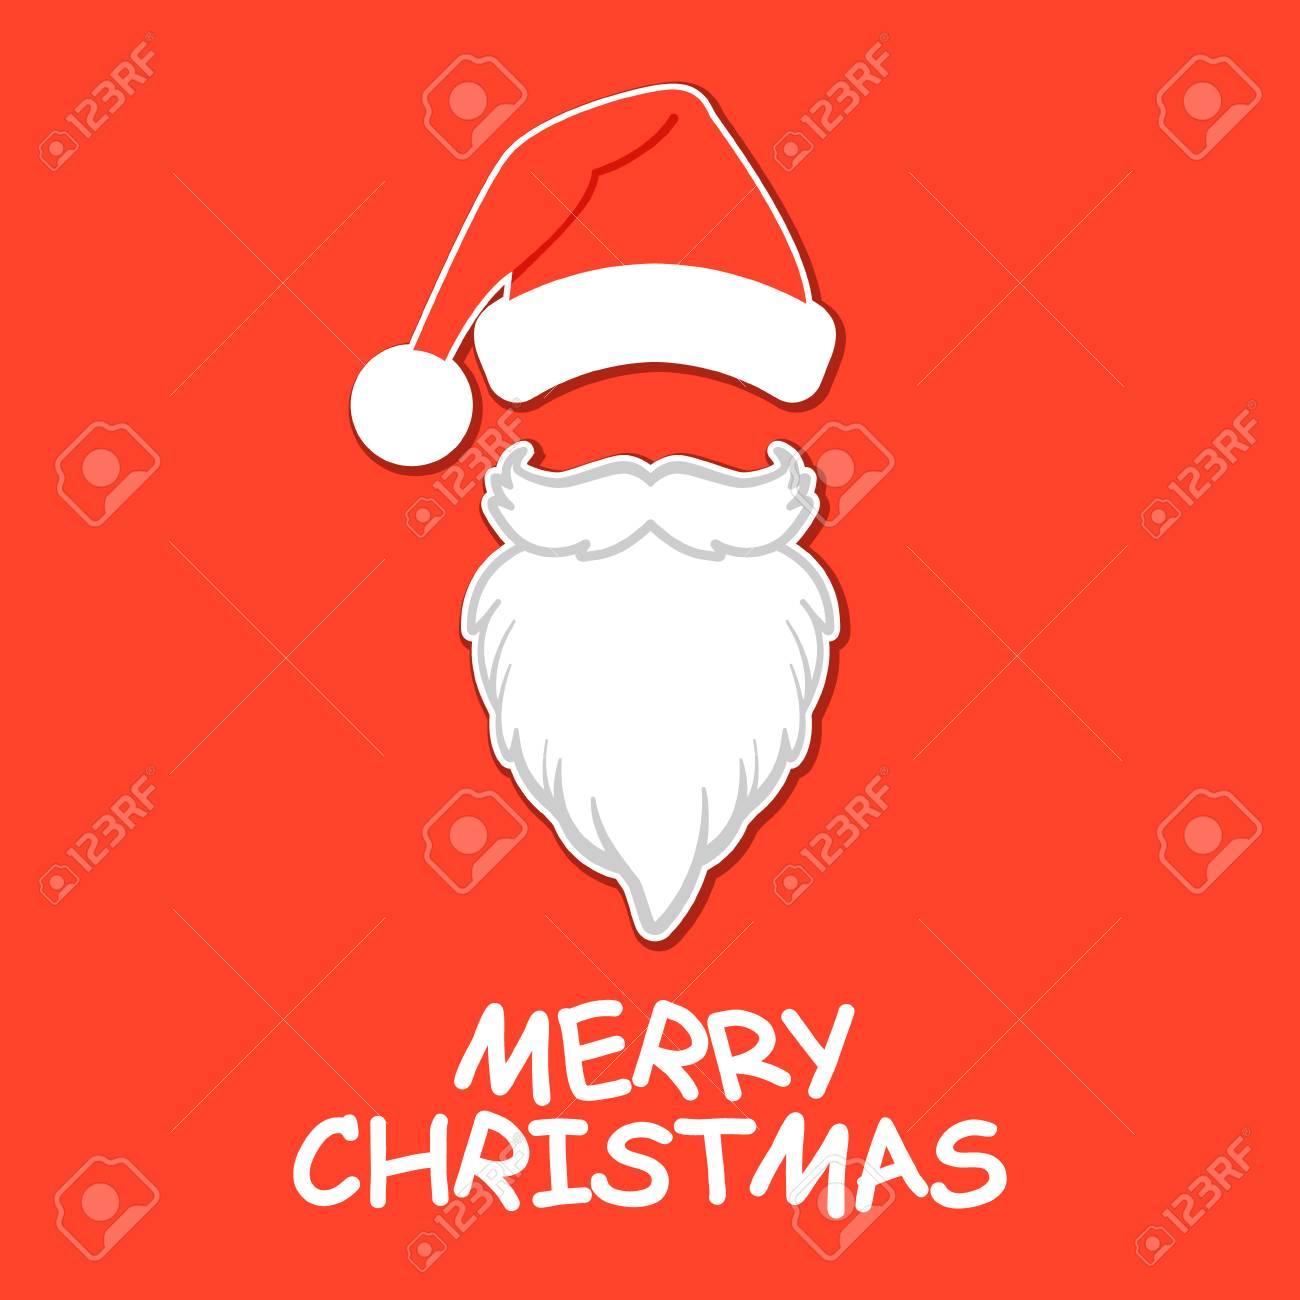 92f0ab372f24a Santa Claus hat and beard. Santa Claus vector illustration Stock Vector -  113006273